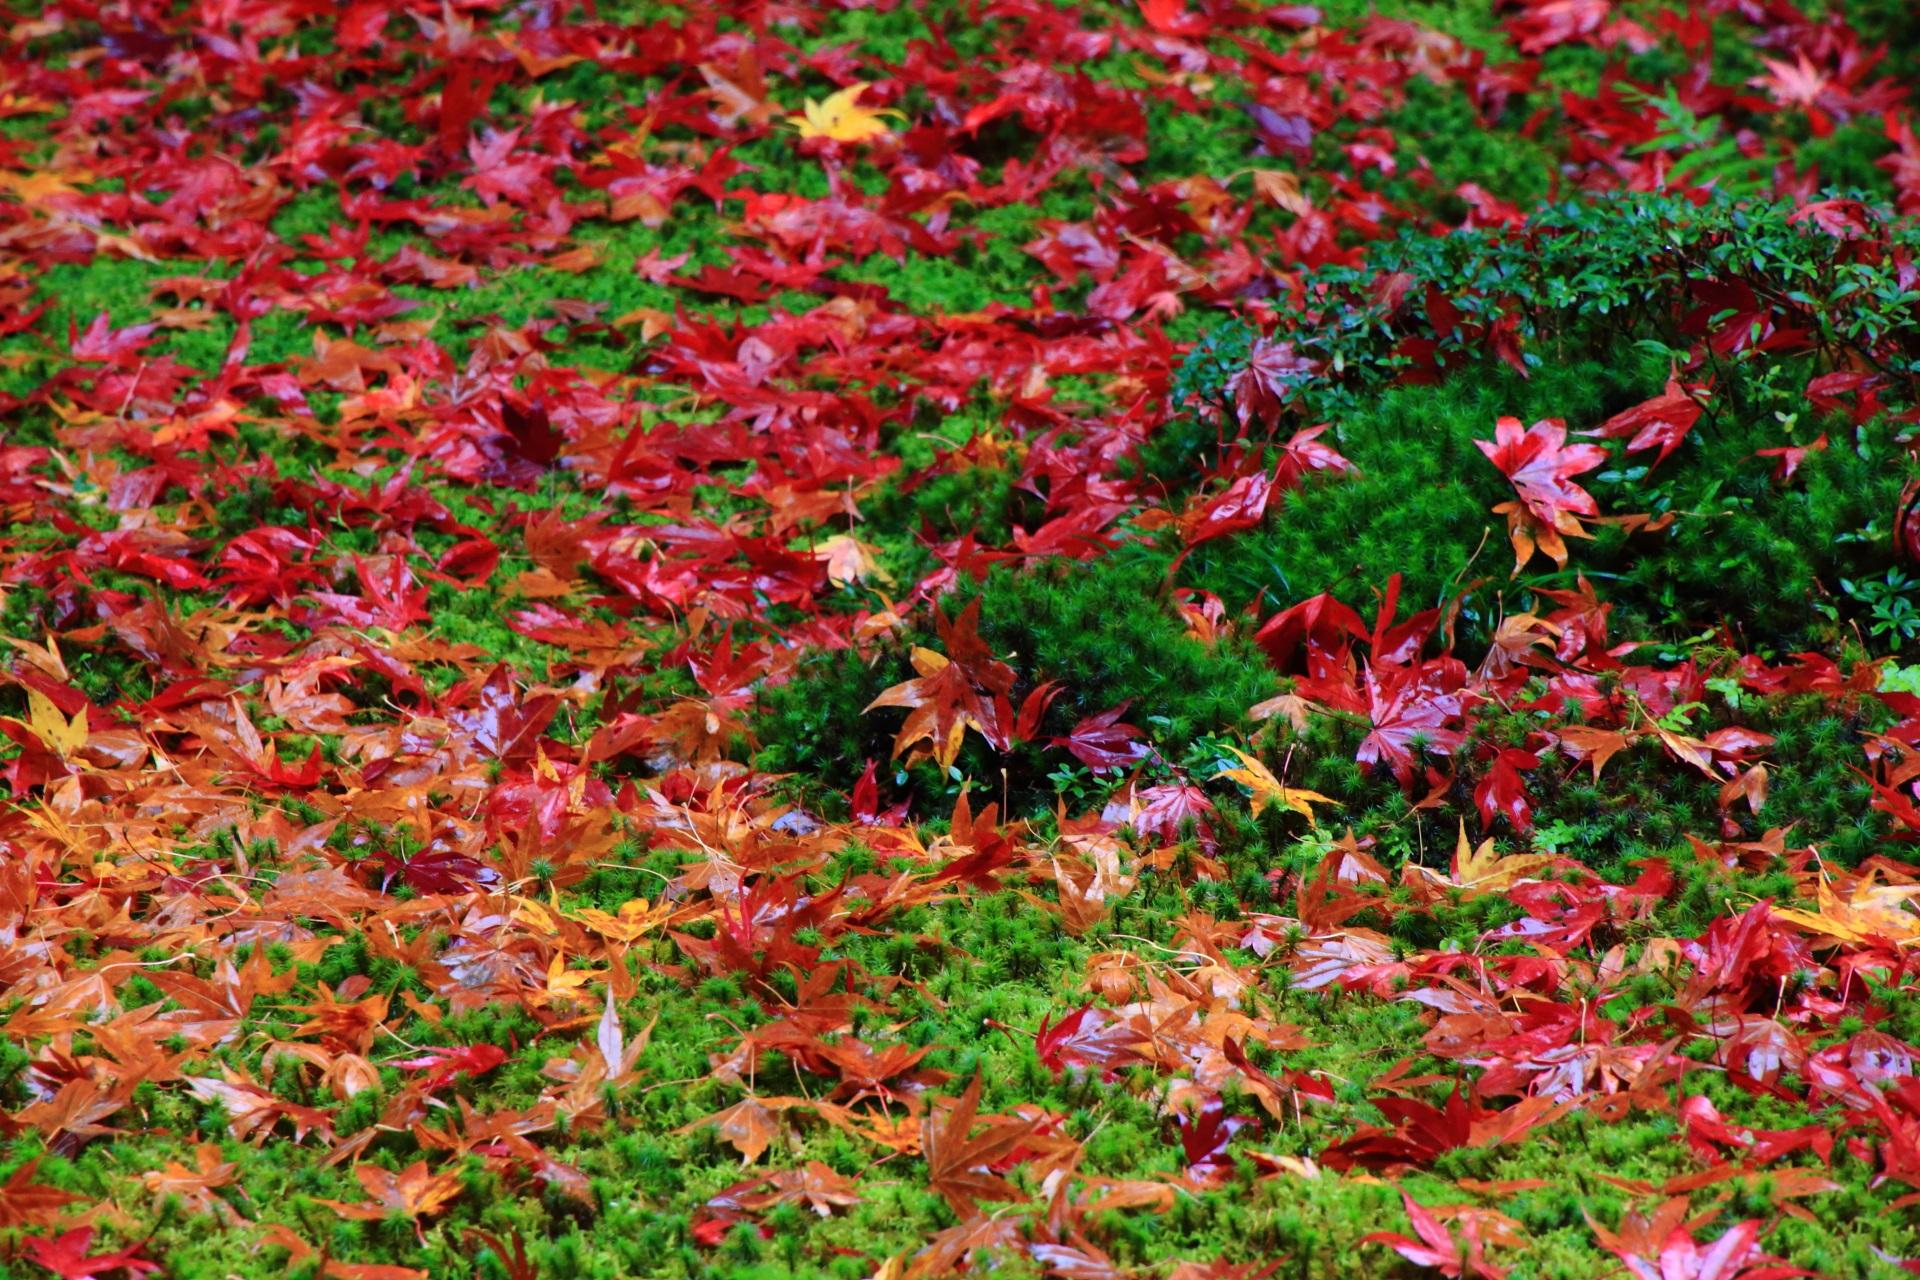 柔らかな苔に散る華やかでしっとりとした紅葉